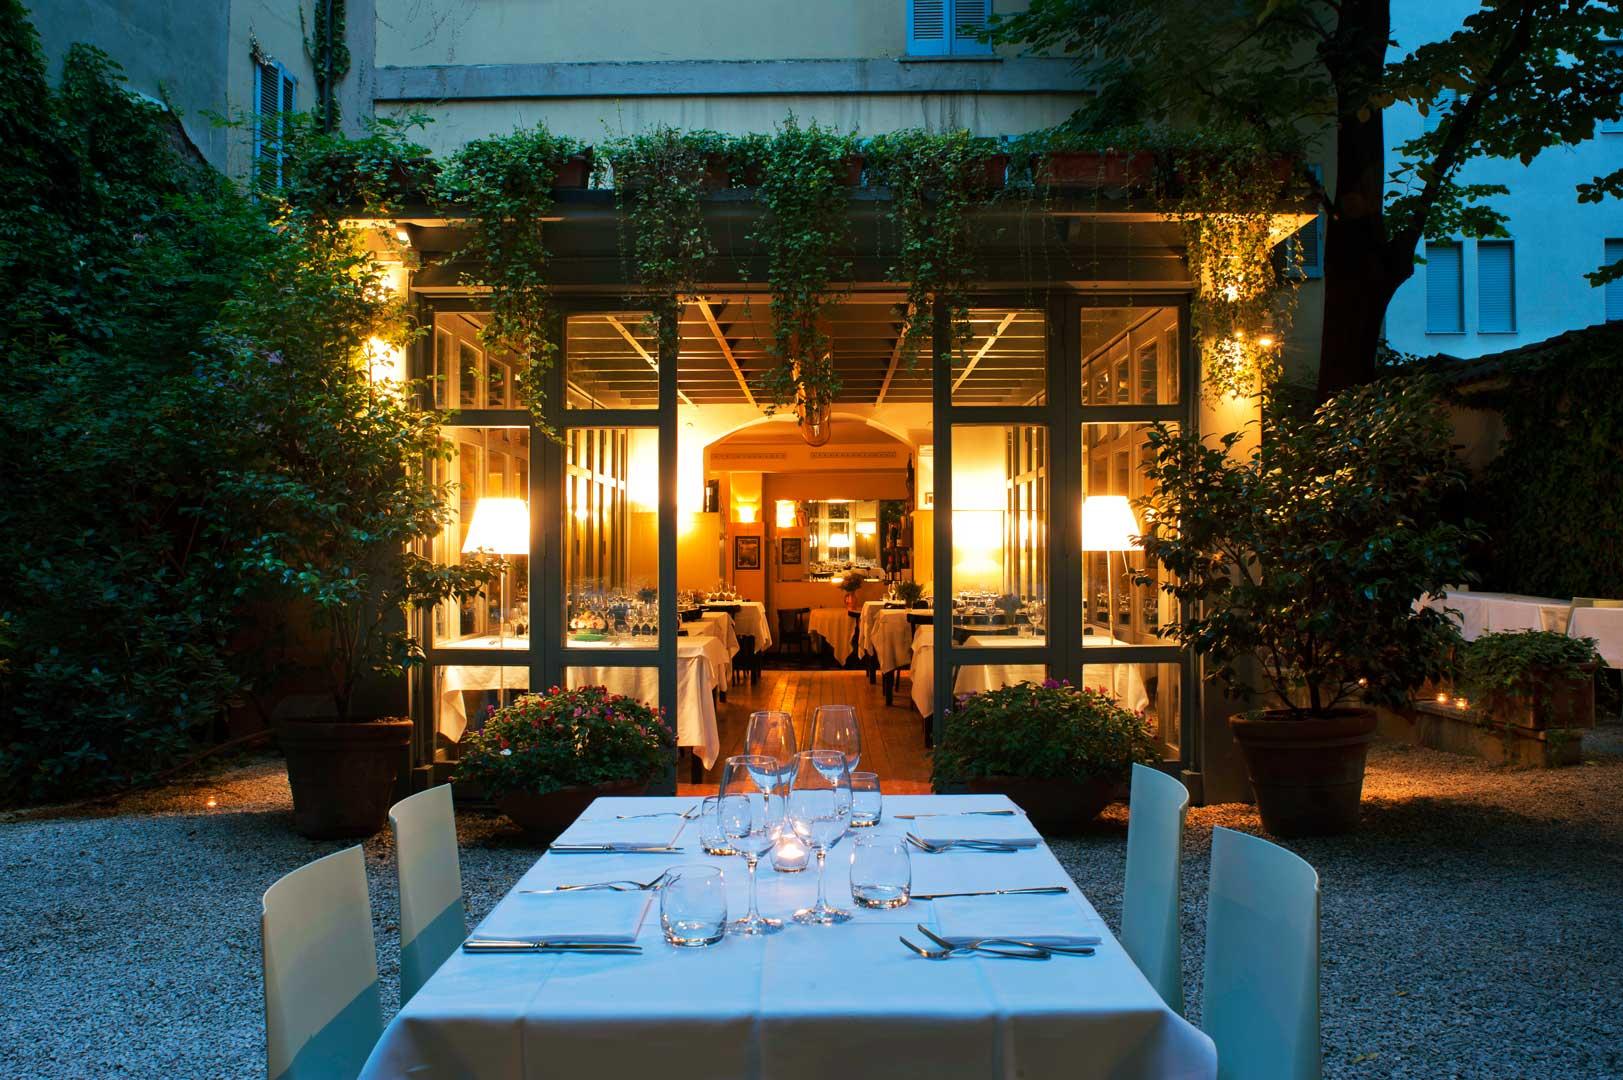 Ristorante la brisa flawless milano the lifestyle guide for Milano migliori ristoranti